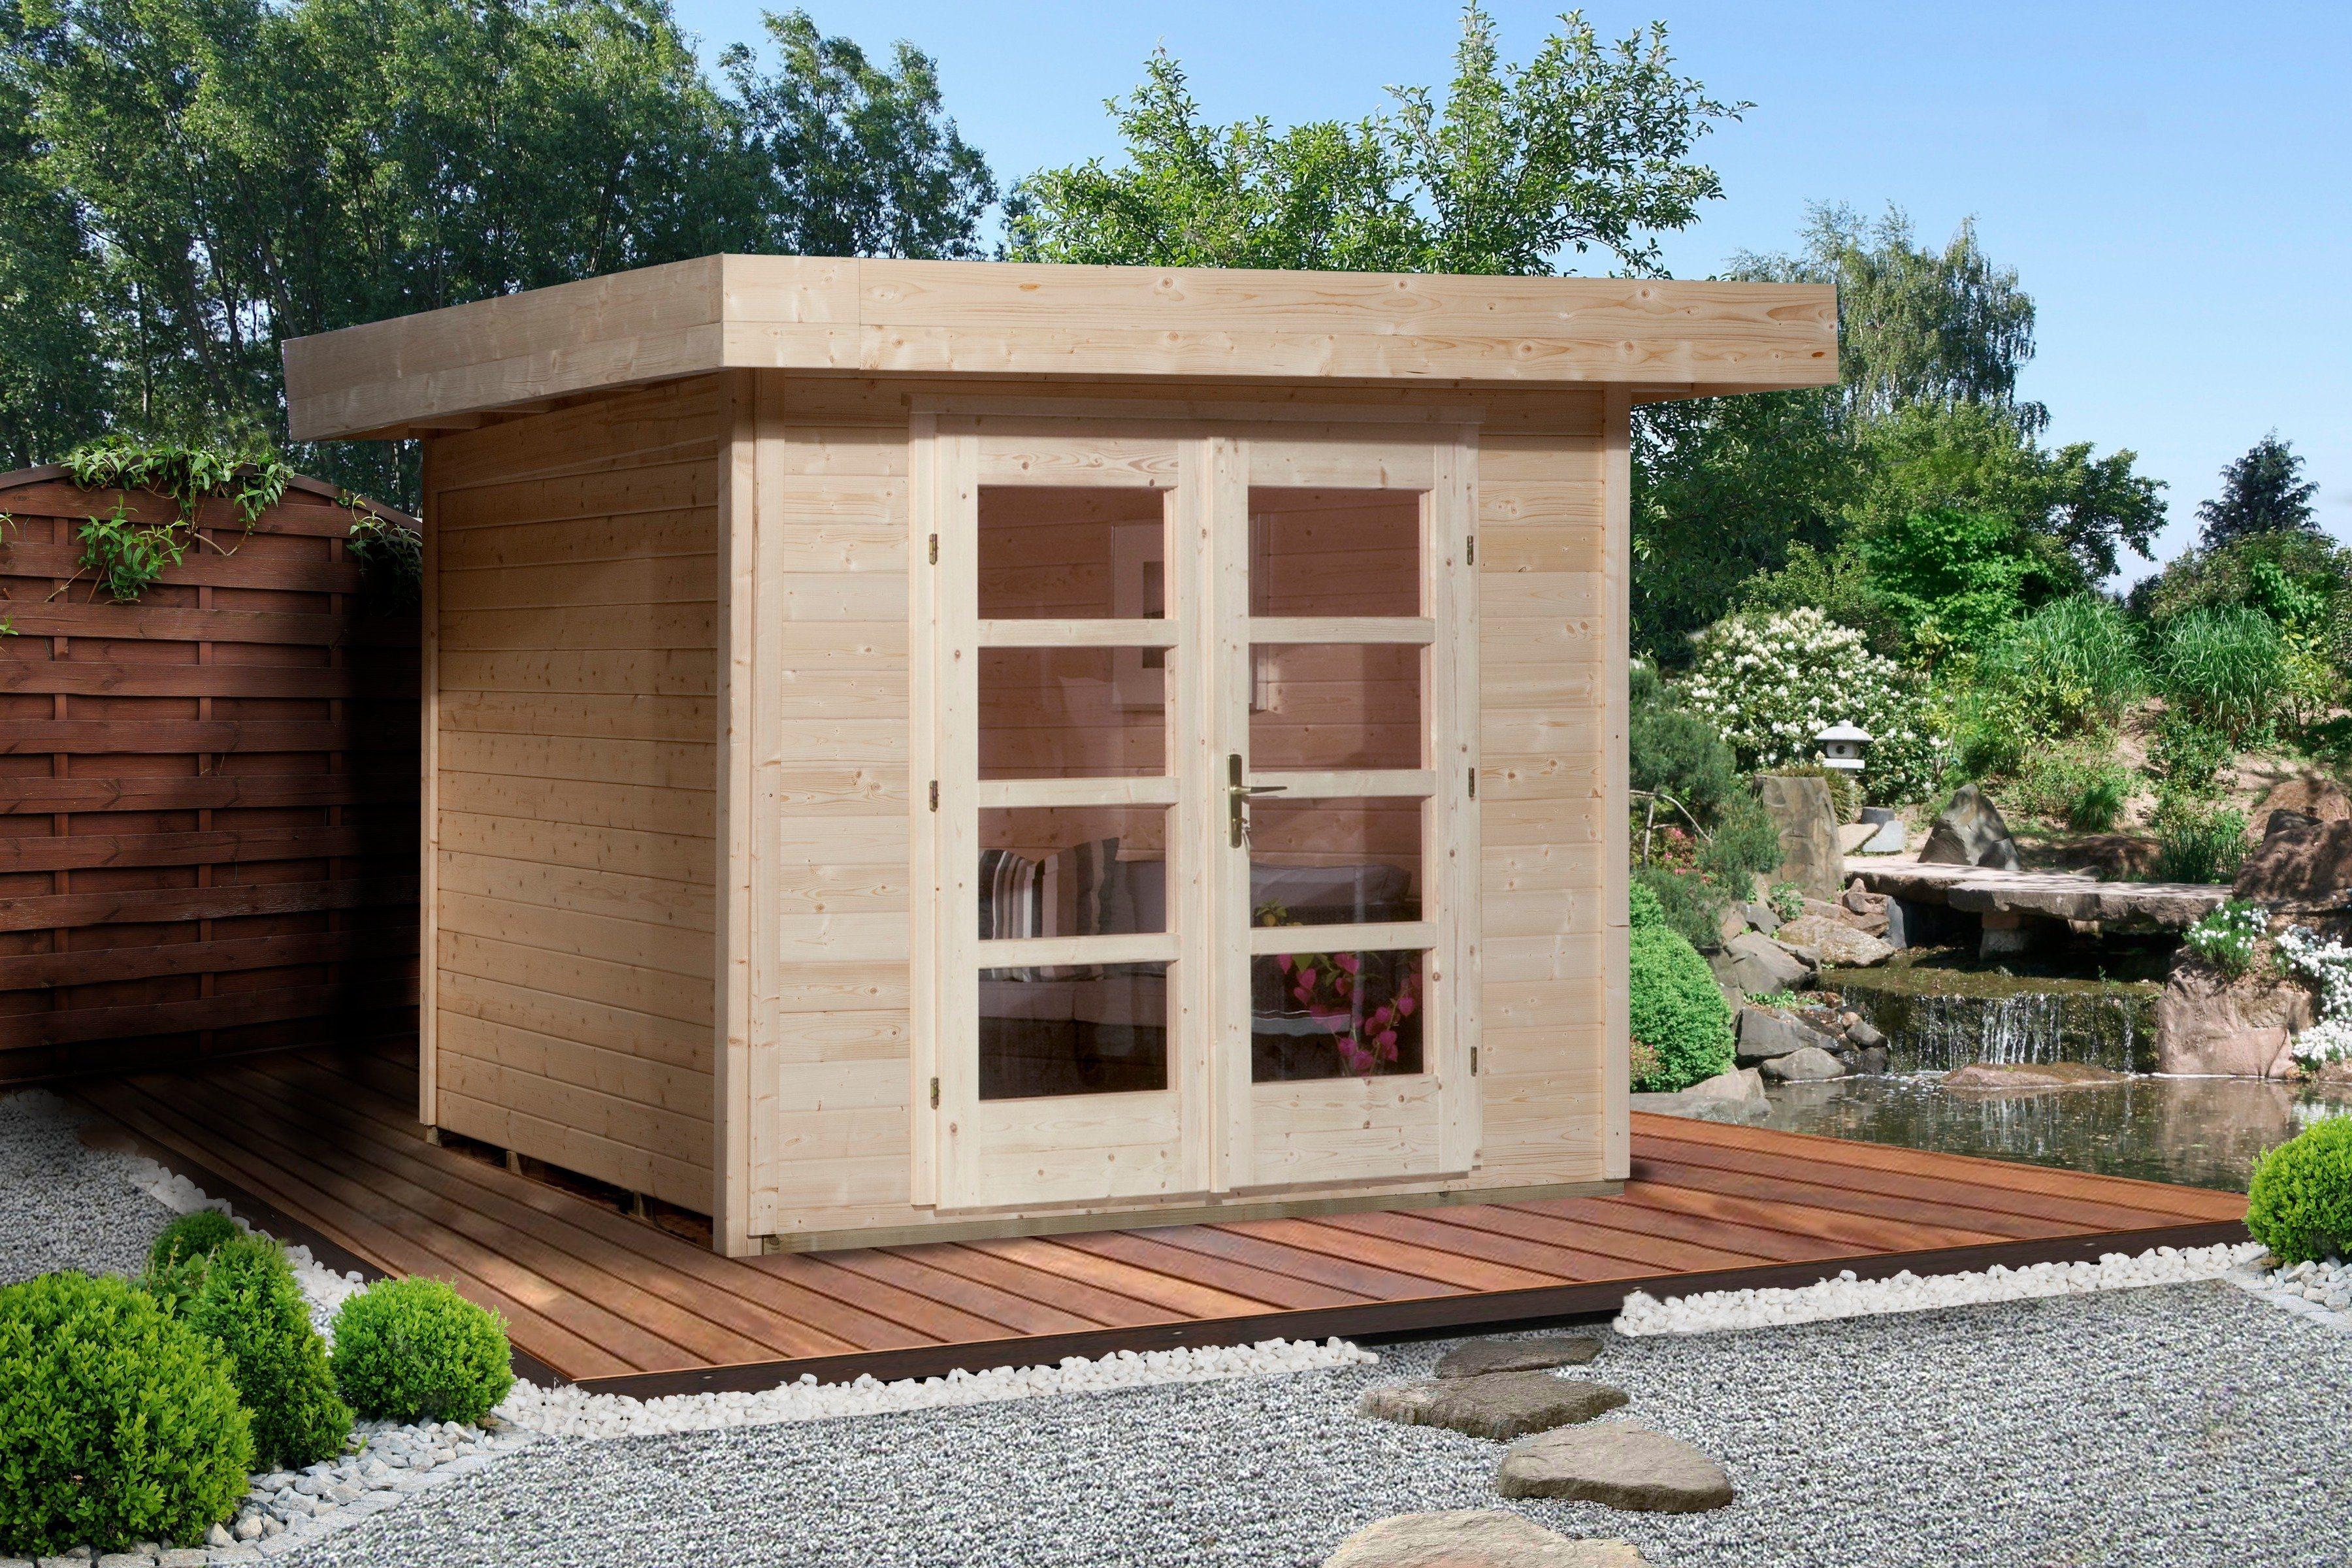 Fußboden Für Gartenhaus ~ Weka gartenhaus chill out gr « bxt cm inkl fußboden